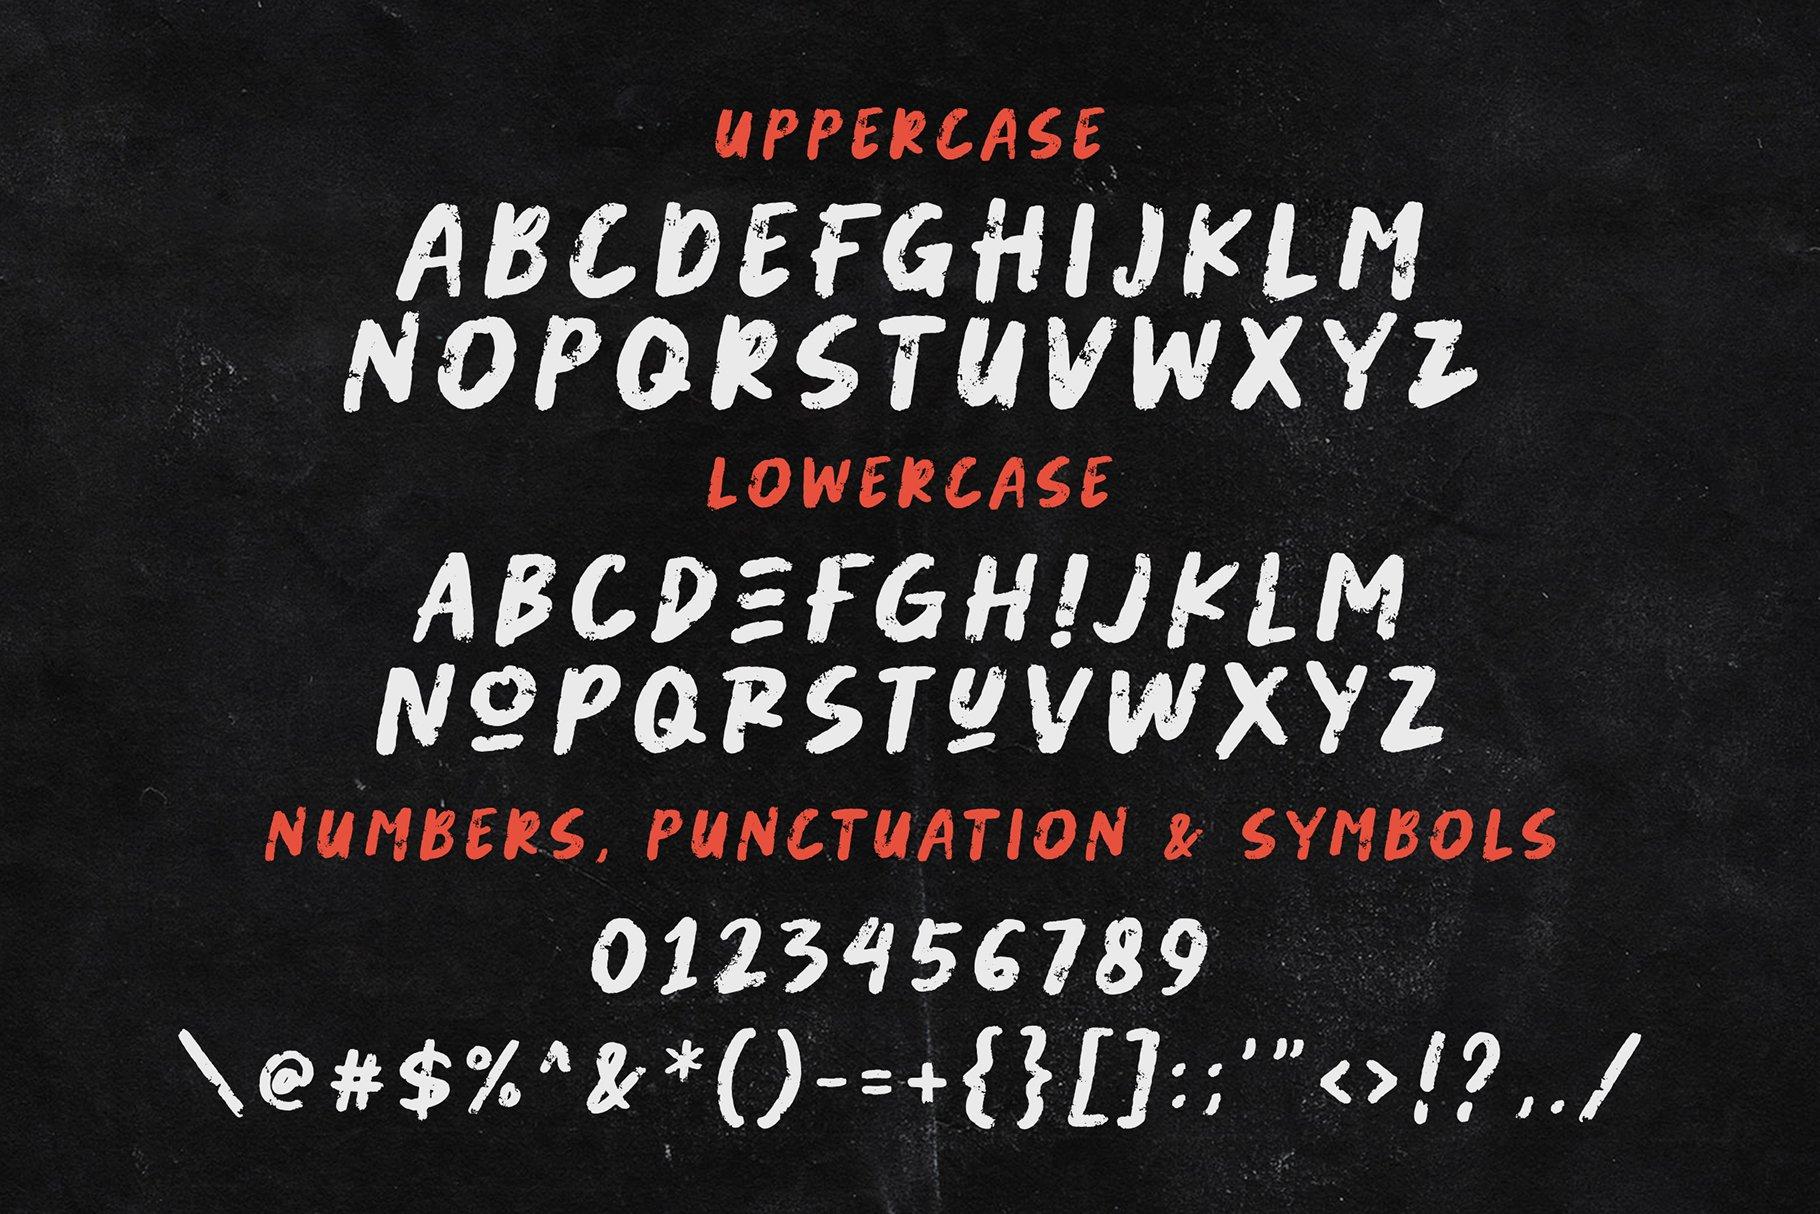 潮流粗糙手写杂志海报品牌Logo标题英文字体设计素材 Abused Font插图6